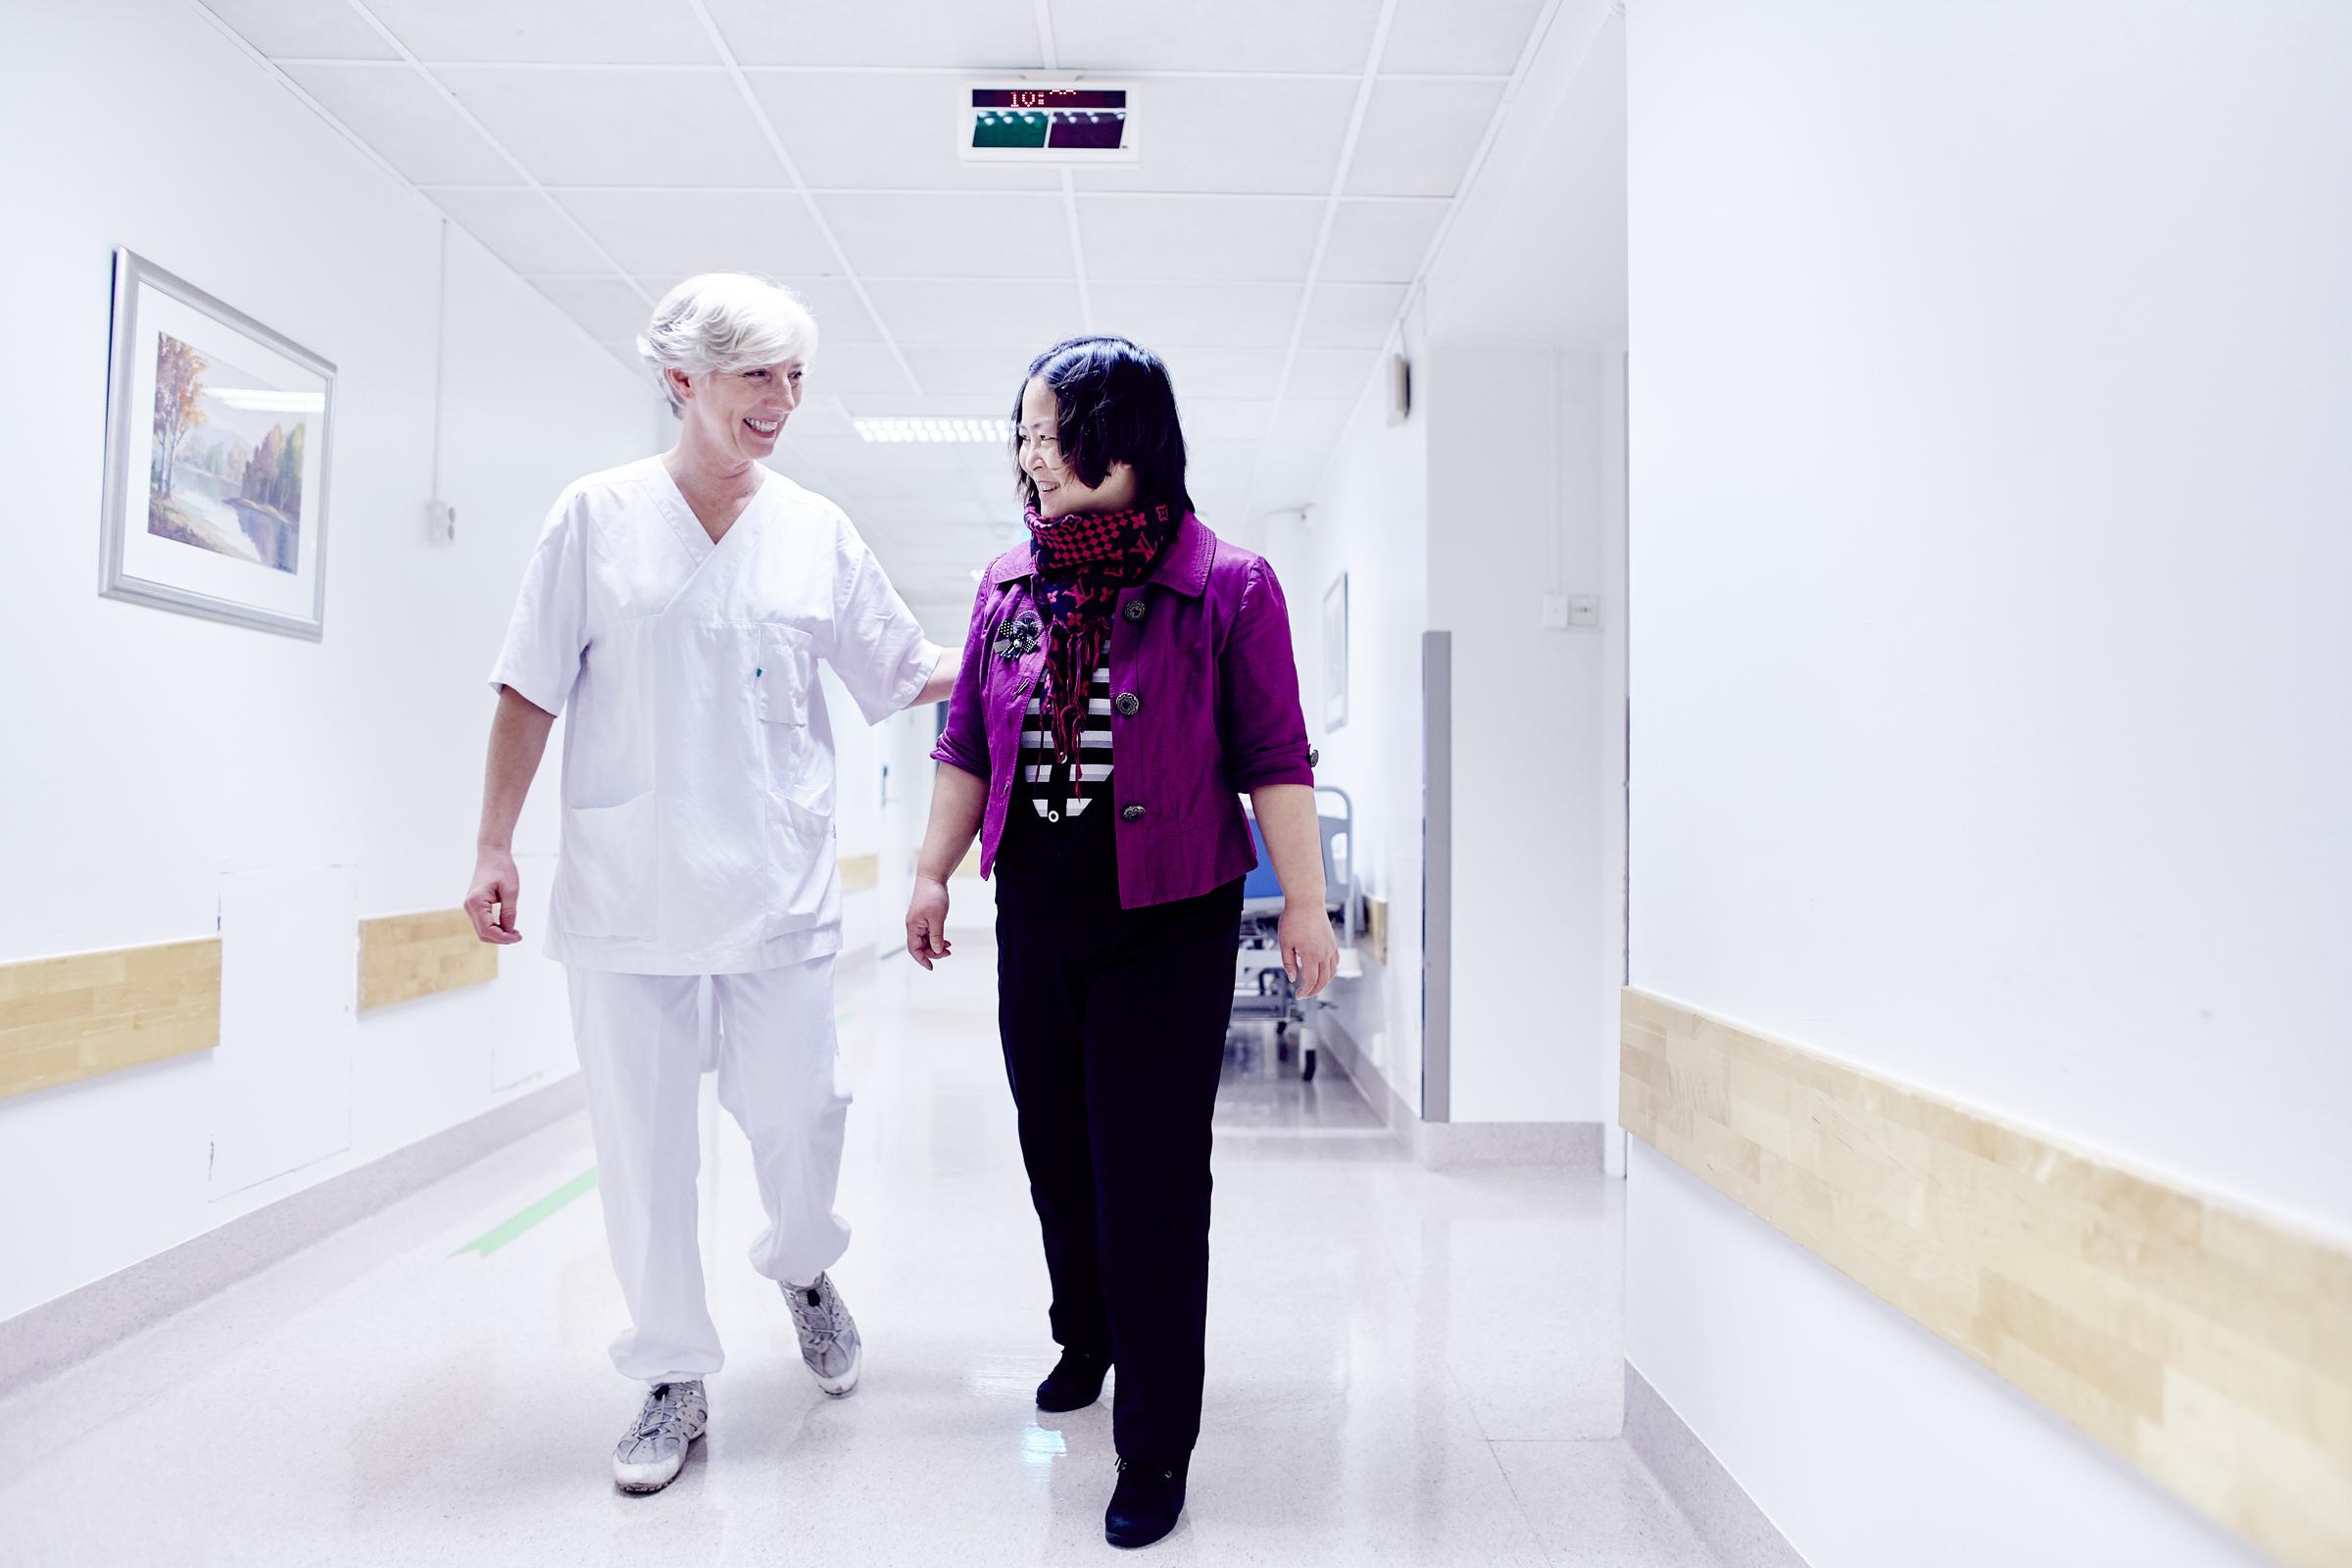 Smilende sykepleier følger pasient nedover sykehuskorridor.